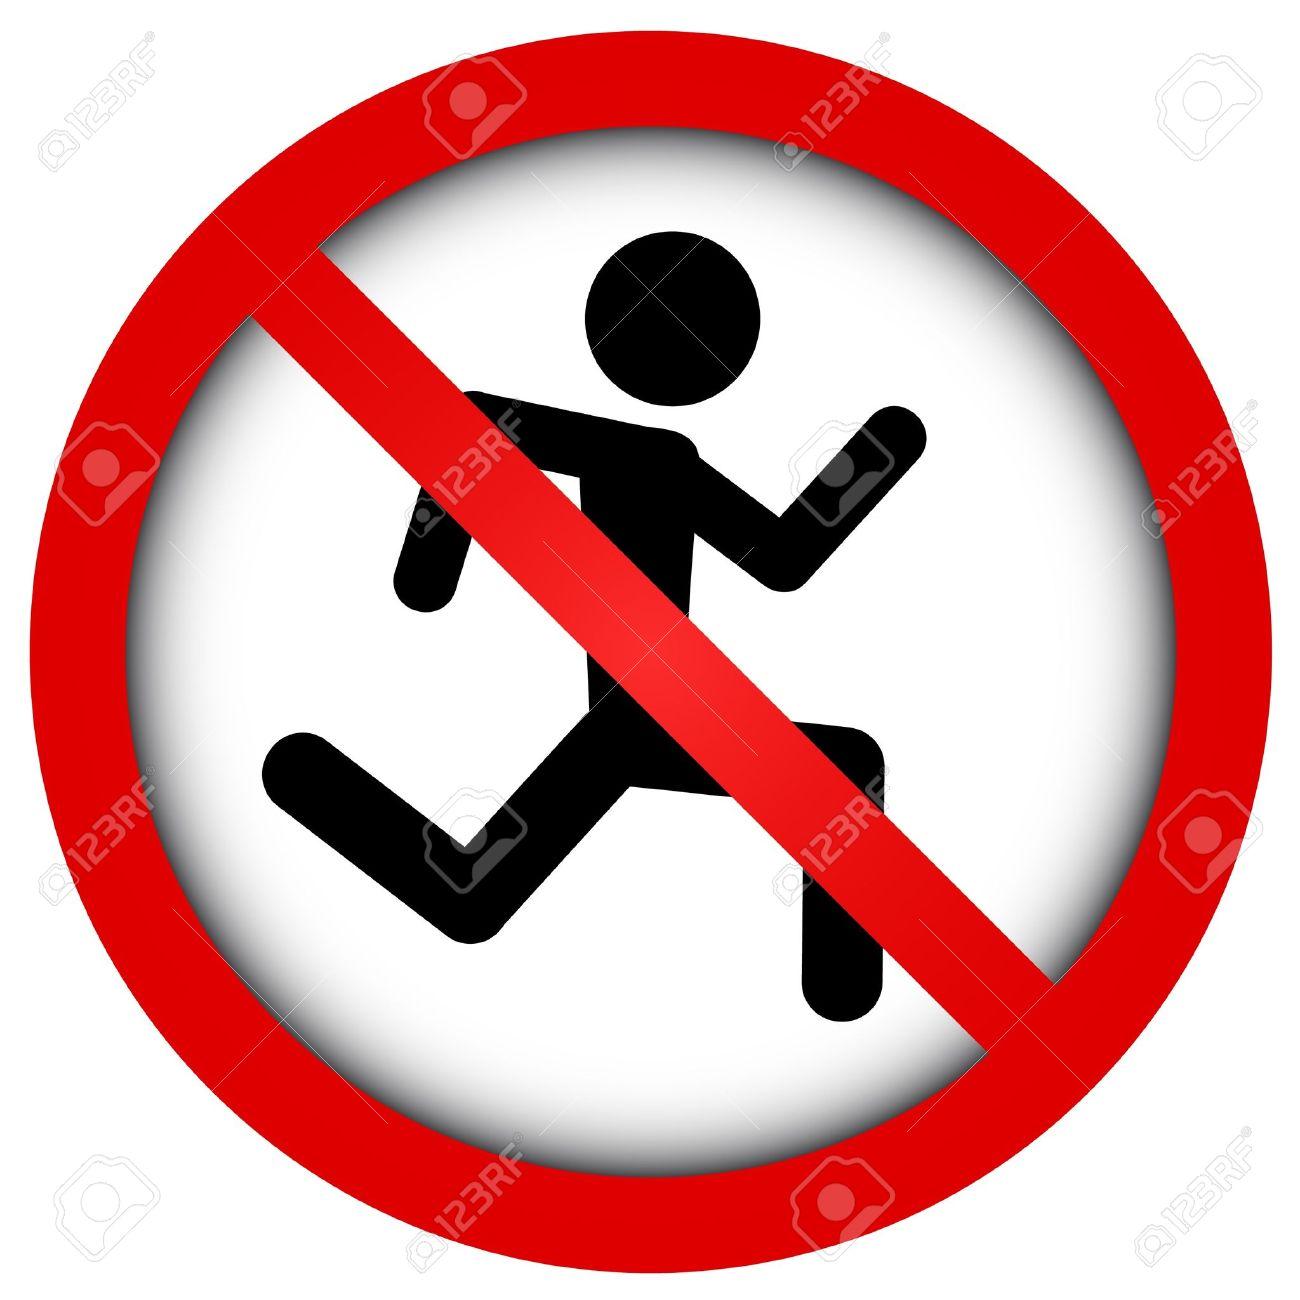 No running.